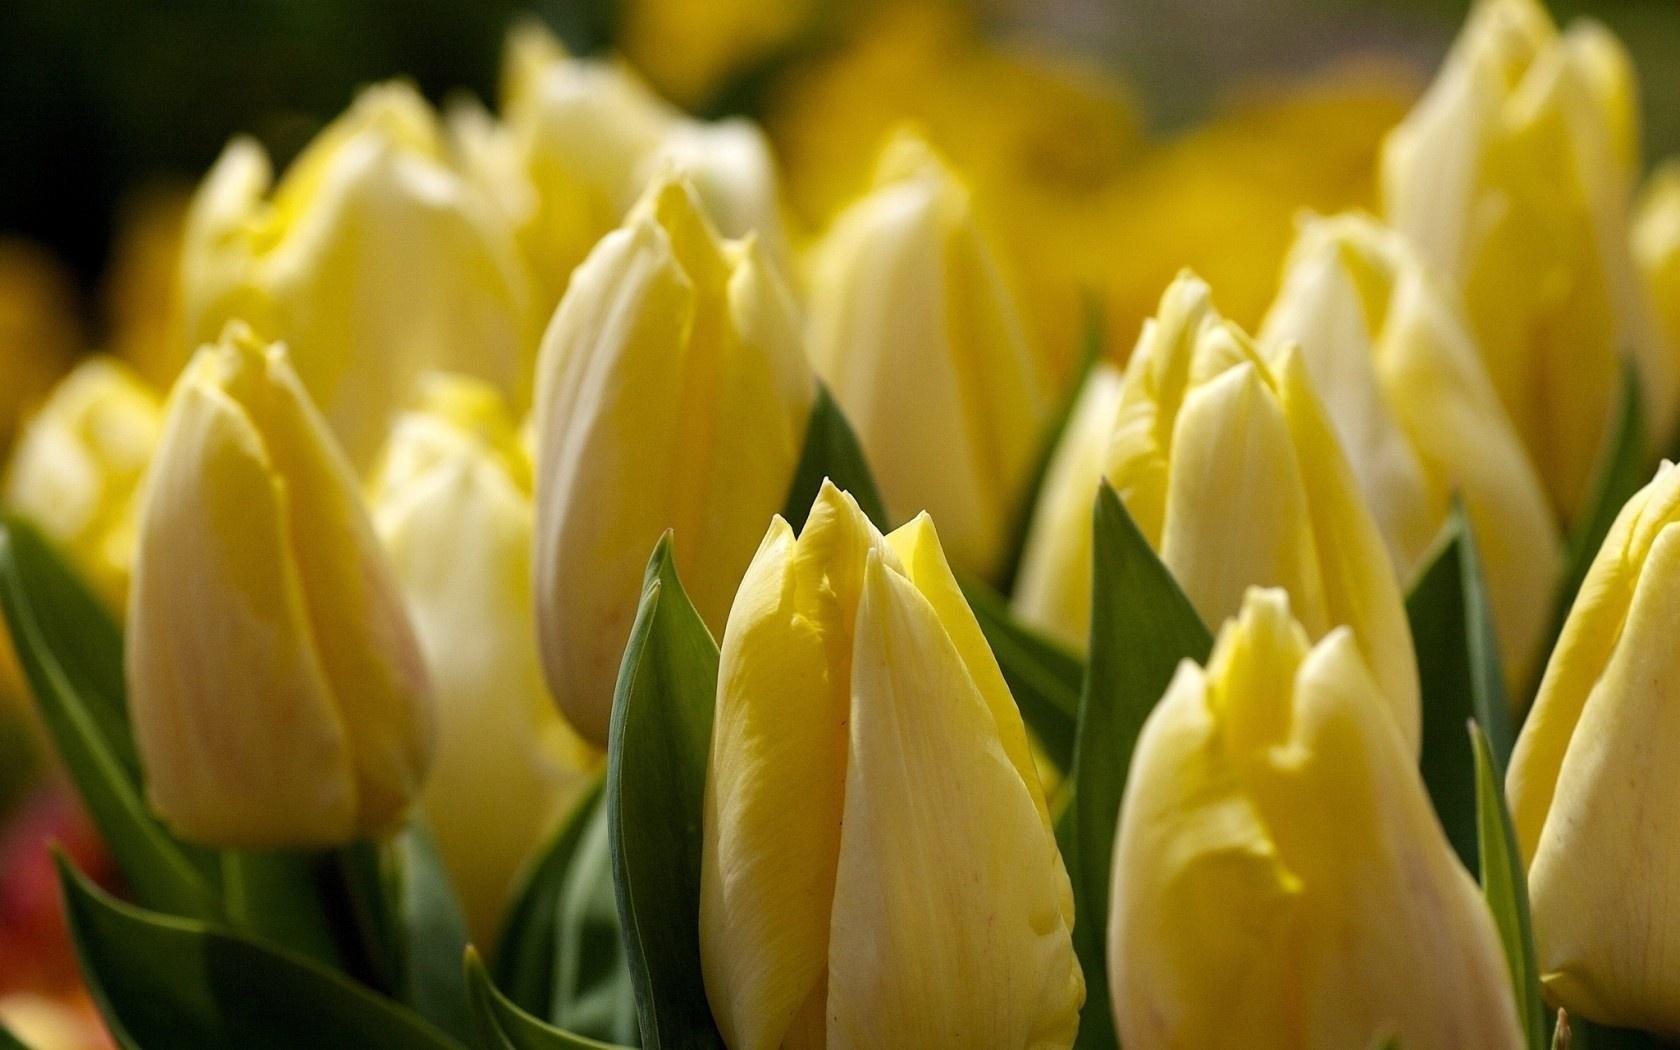 15939 скачать обои Растения, Цветы, Тюльпаны - заставки и картинки бесплатно